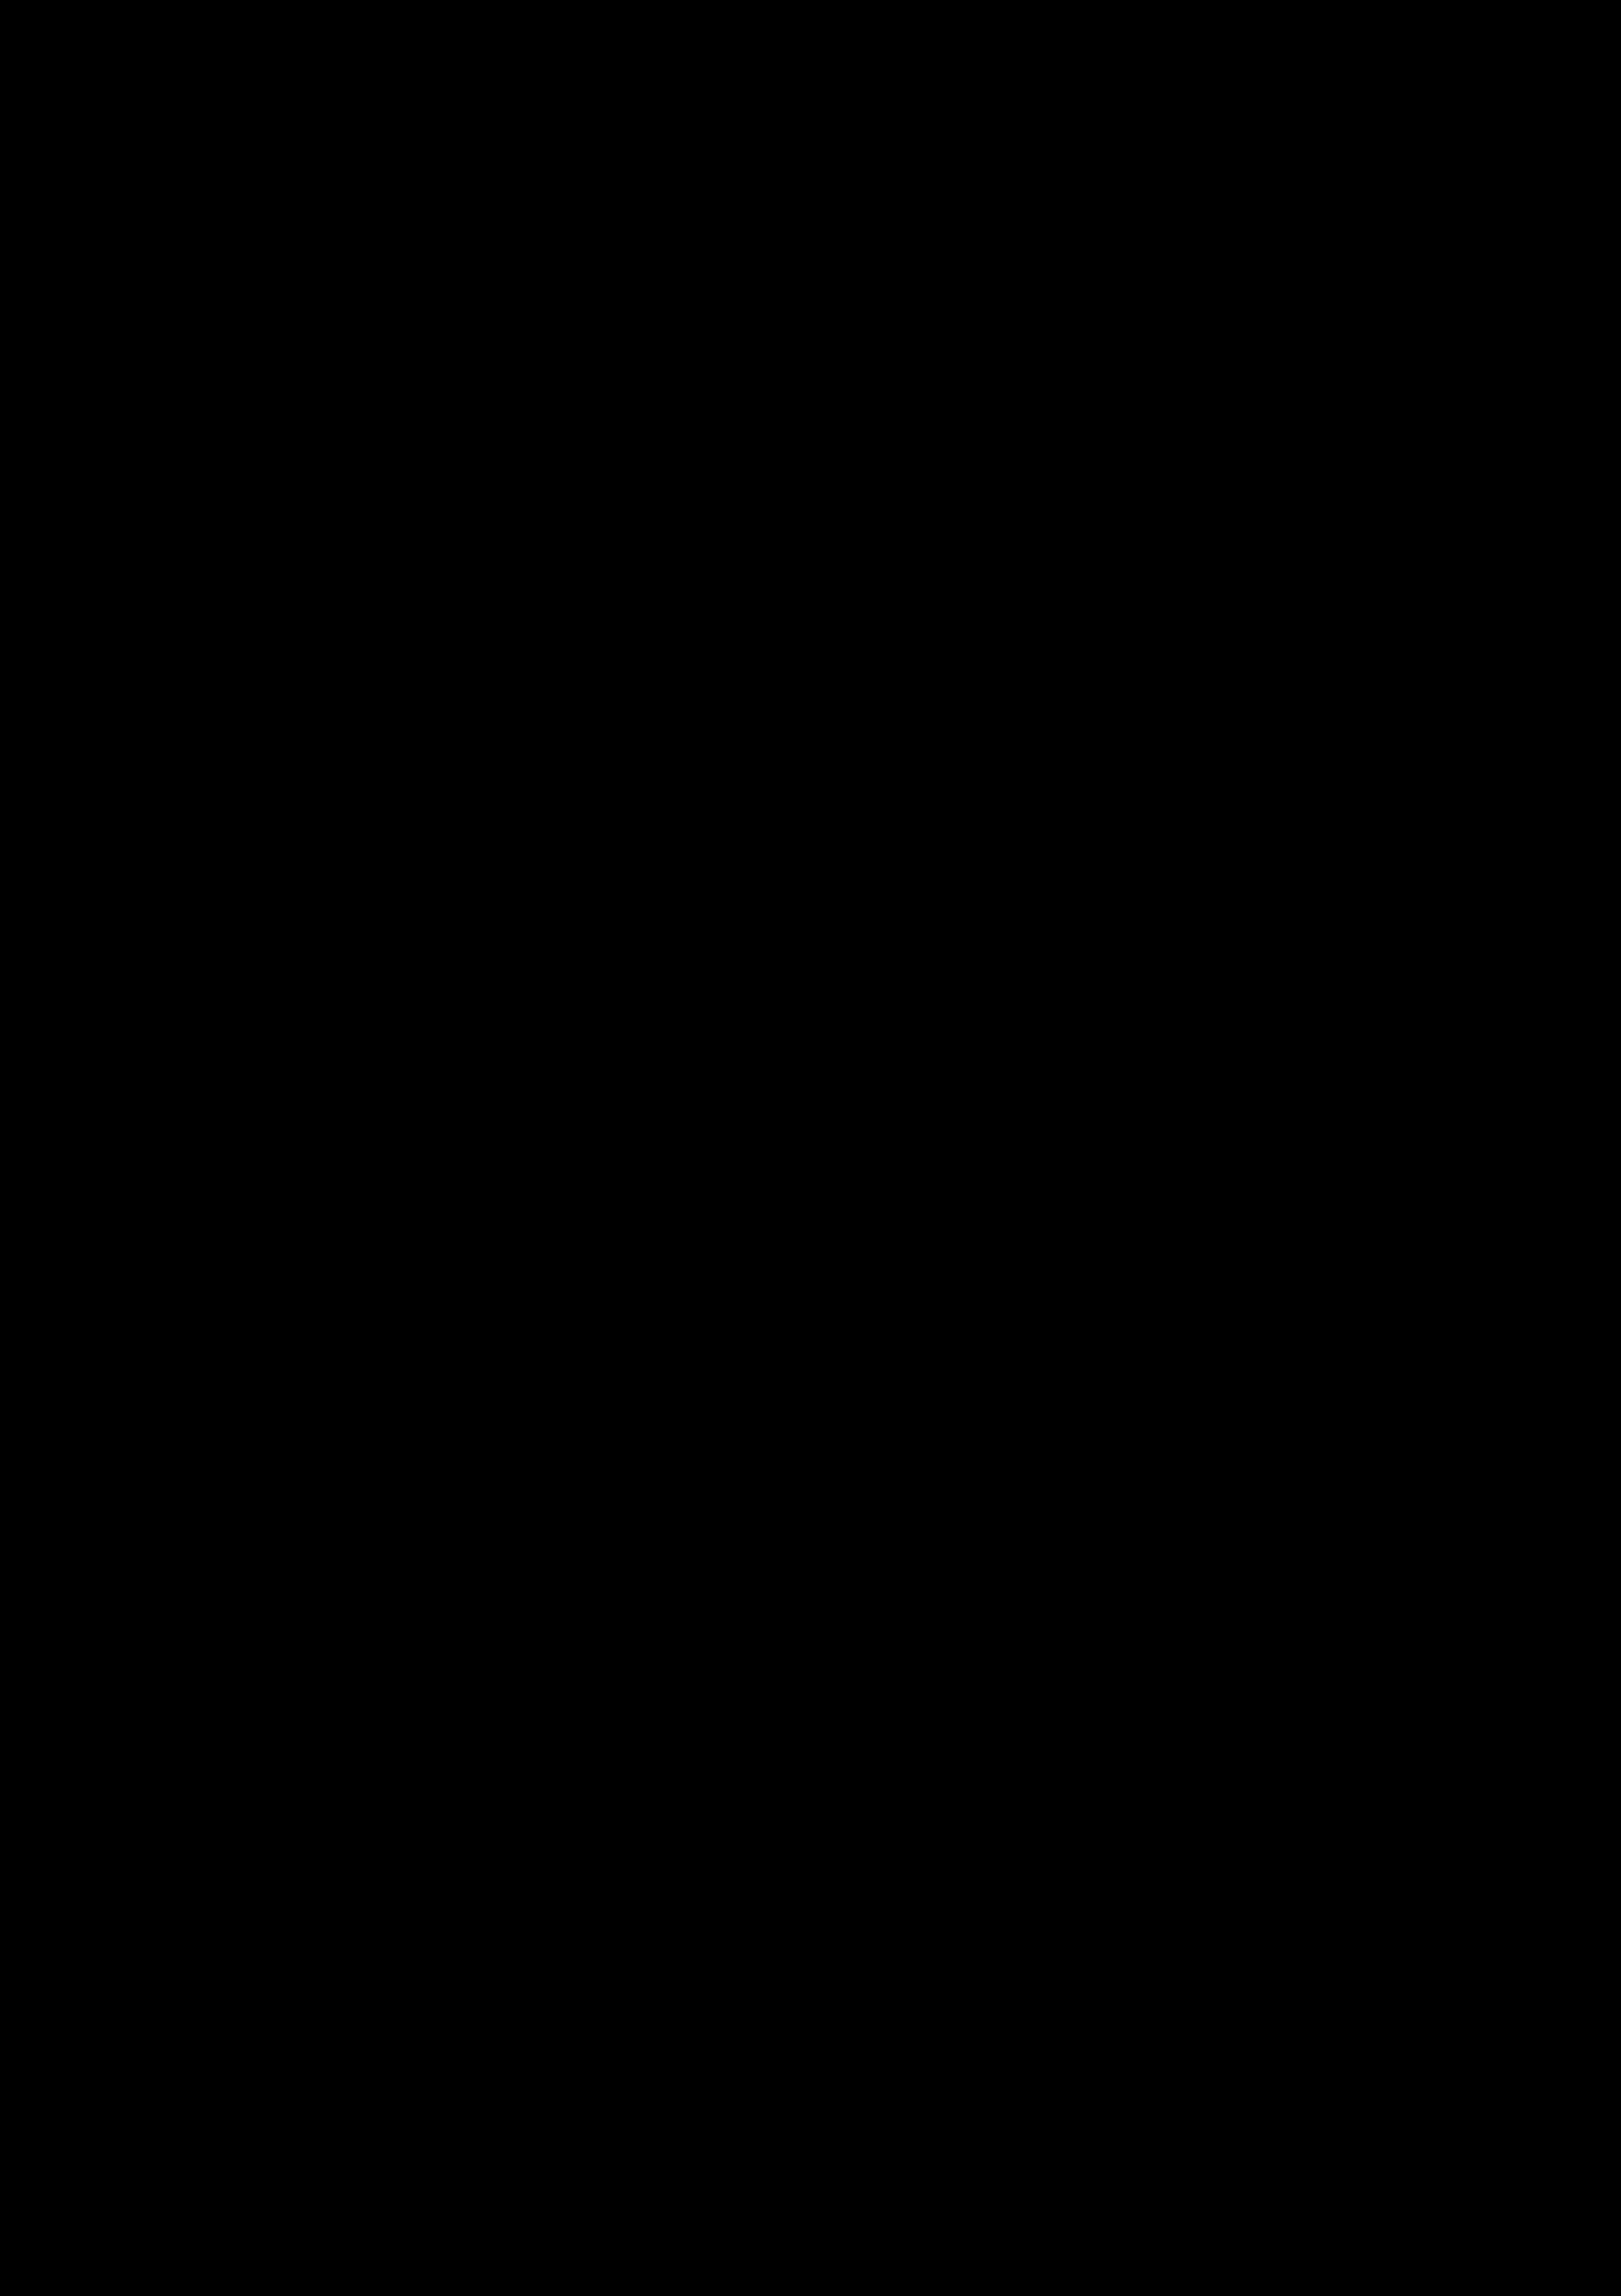 티저 포스터